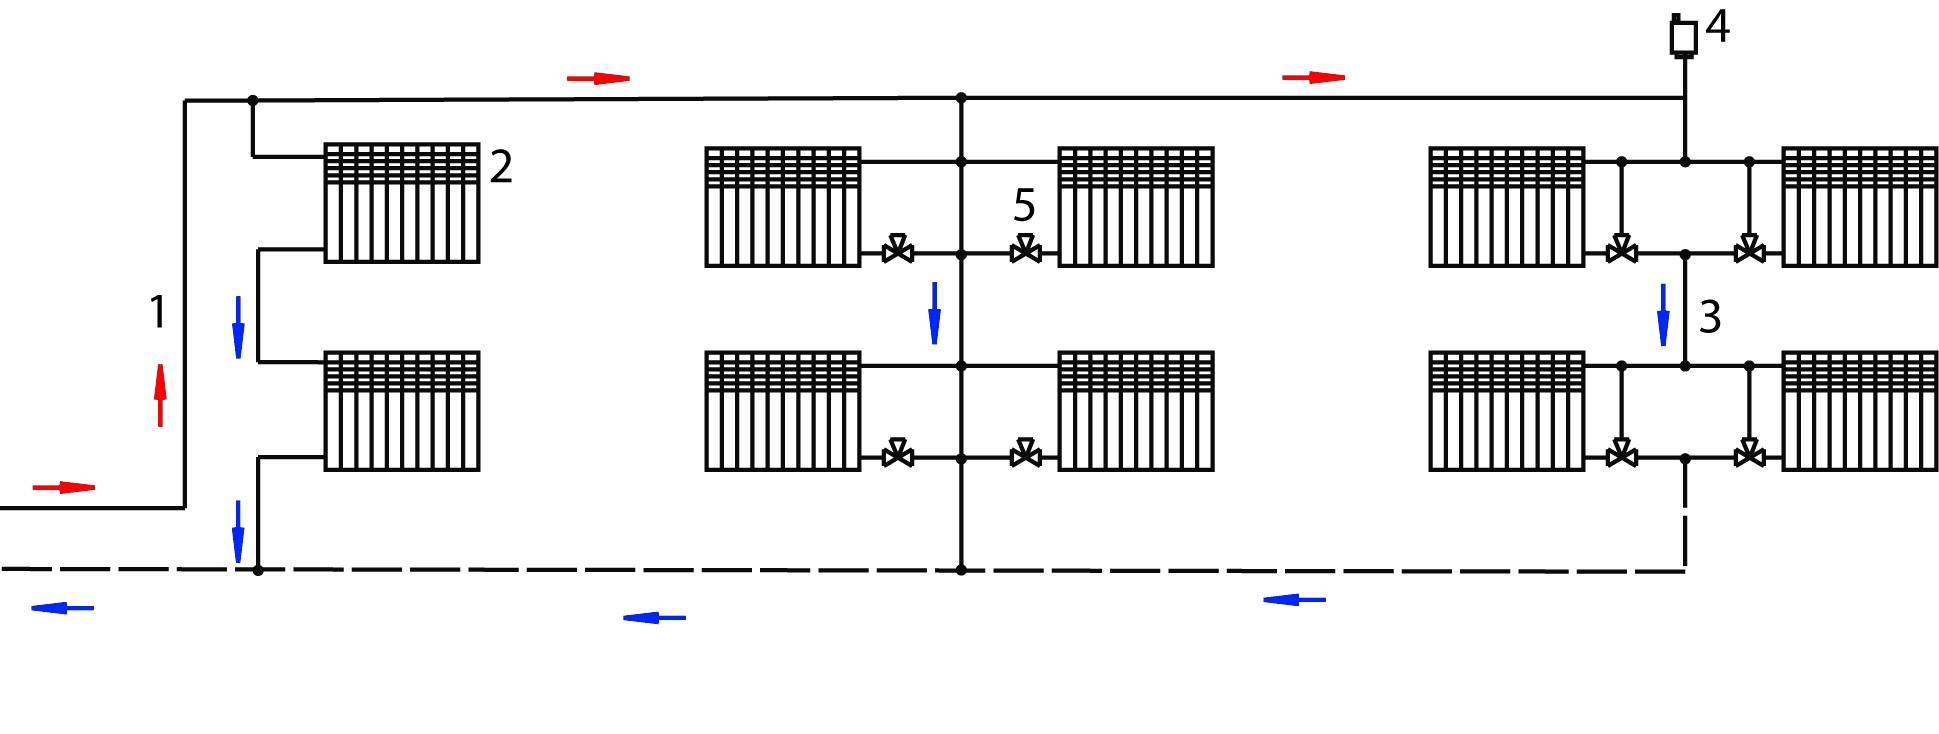 Возможные схемы отопления